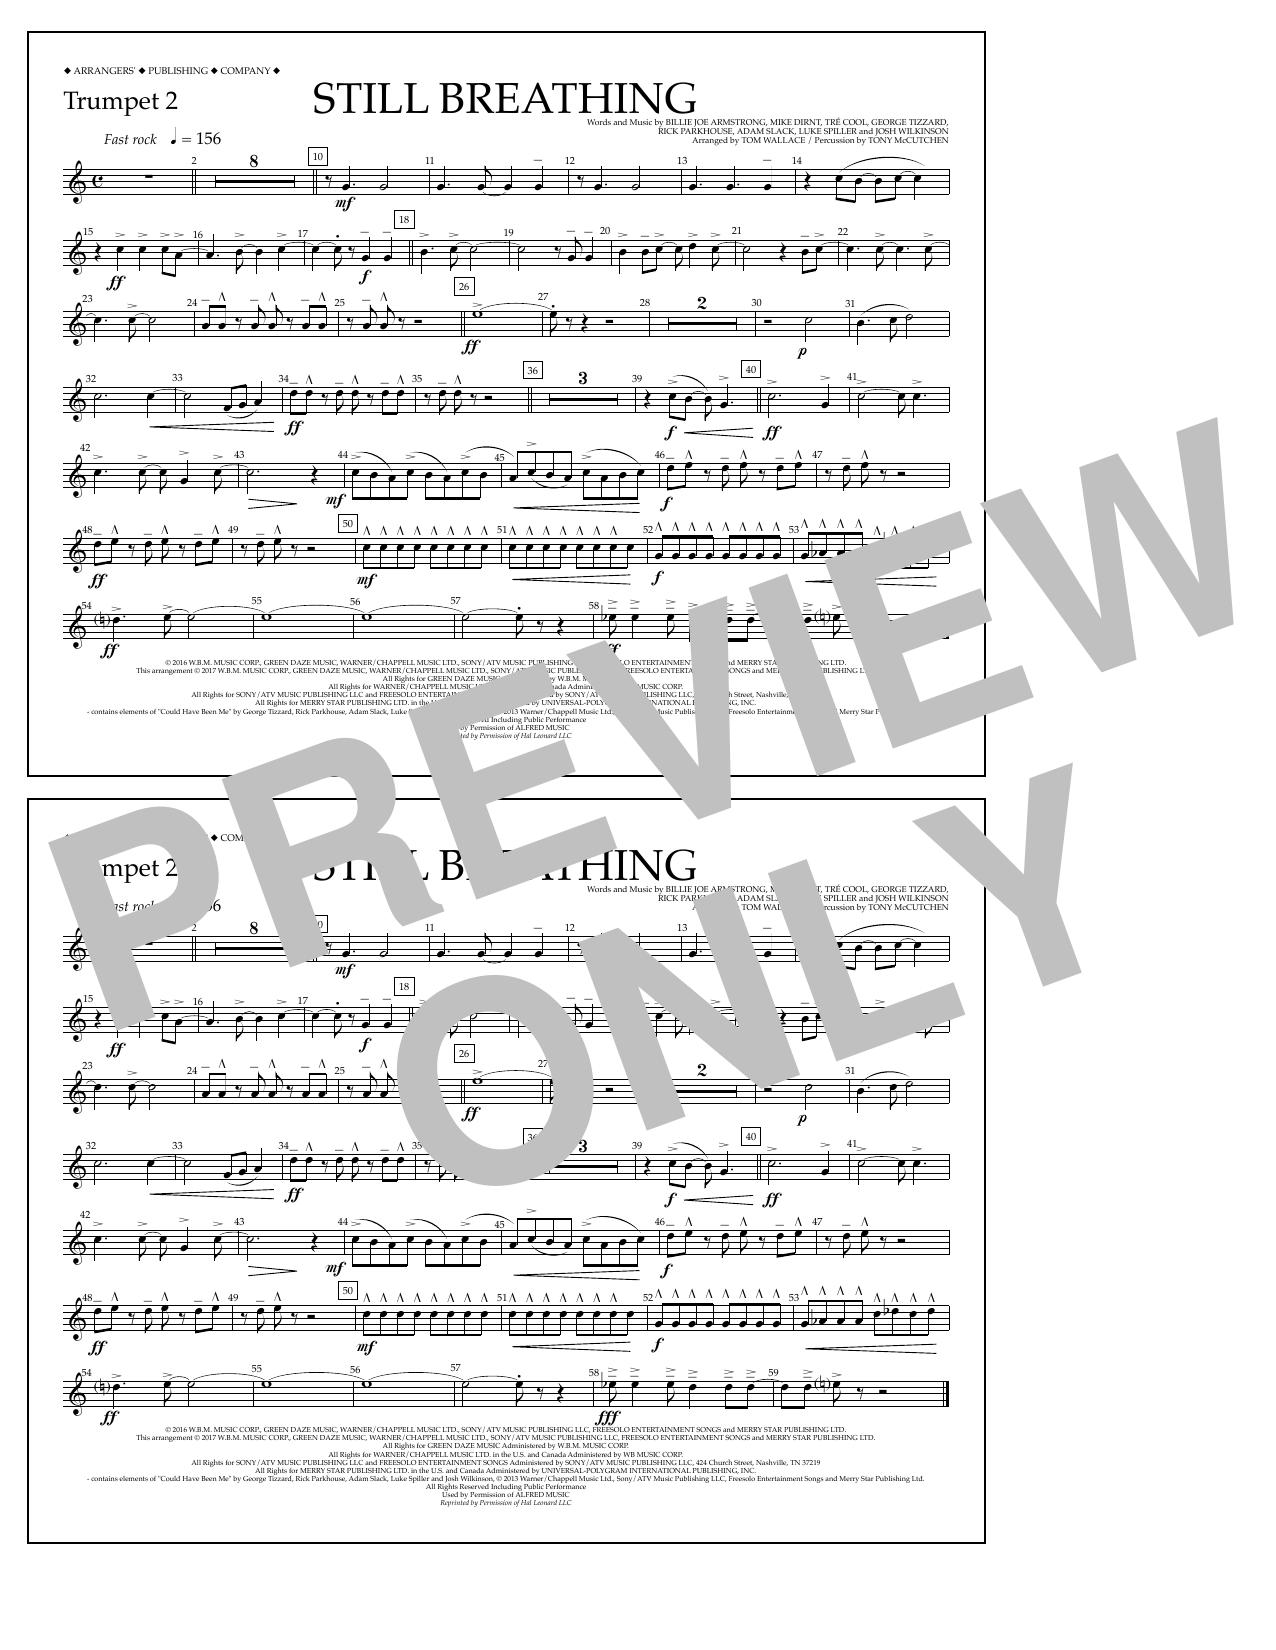 Still Breathing - Trumpet 2 Sheet Music